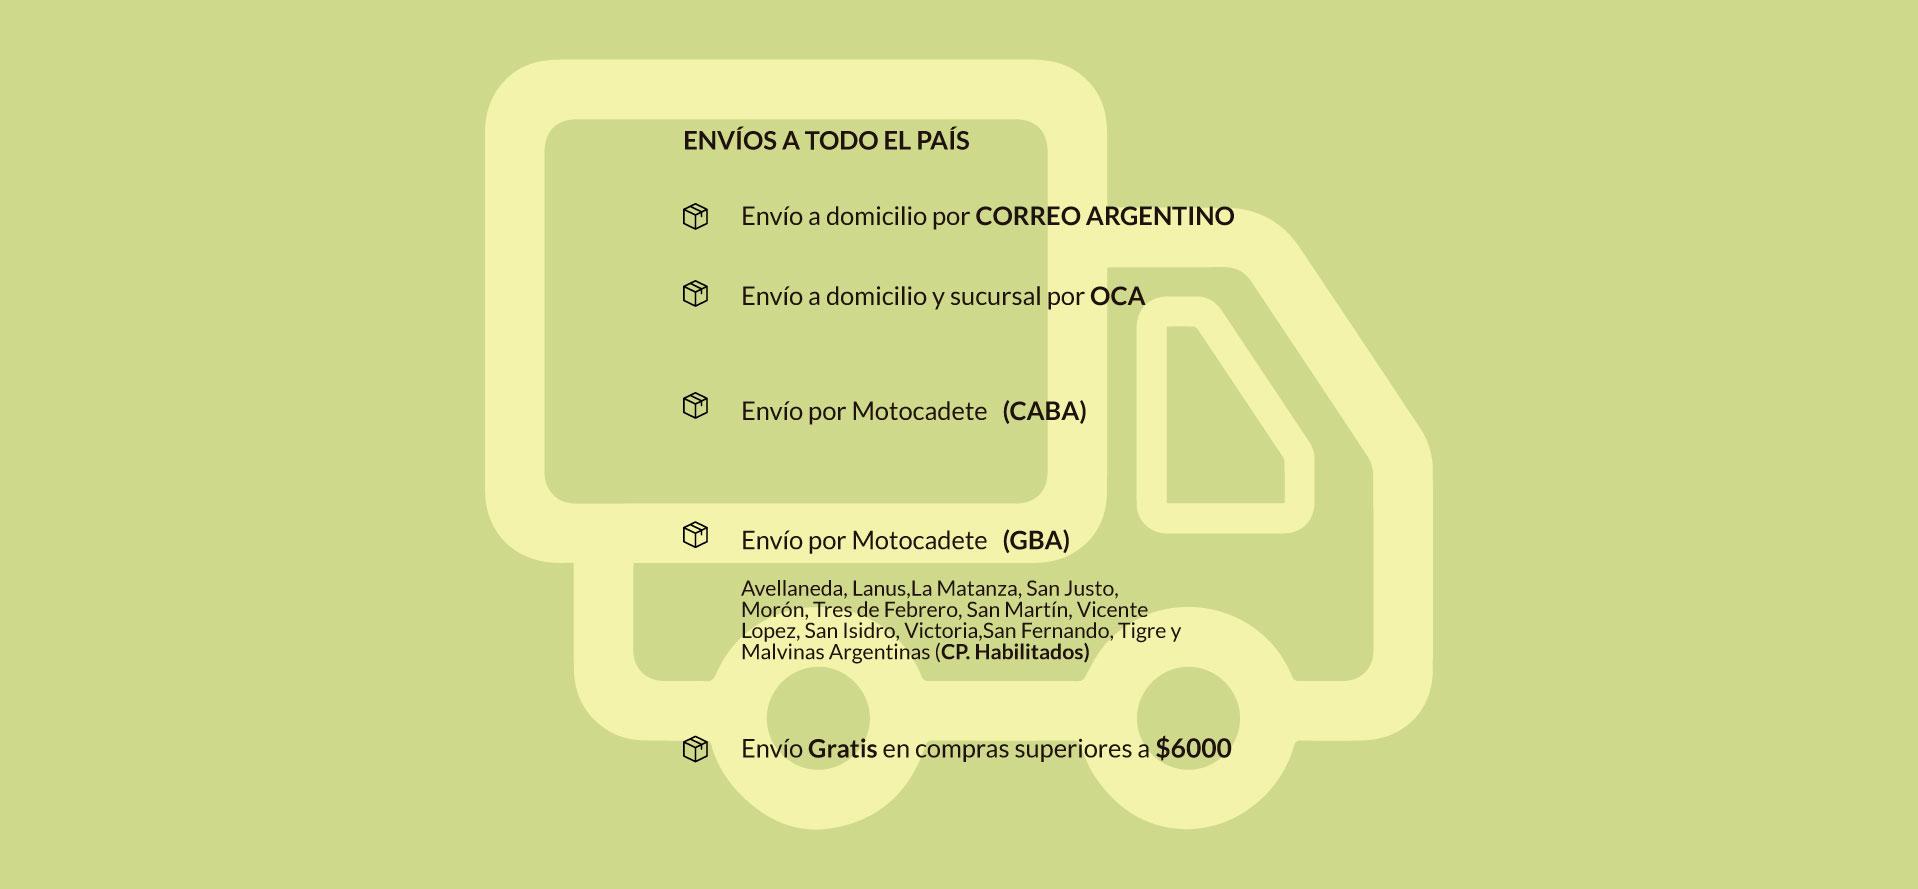 websliderenvio2021-4